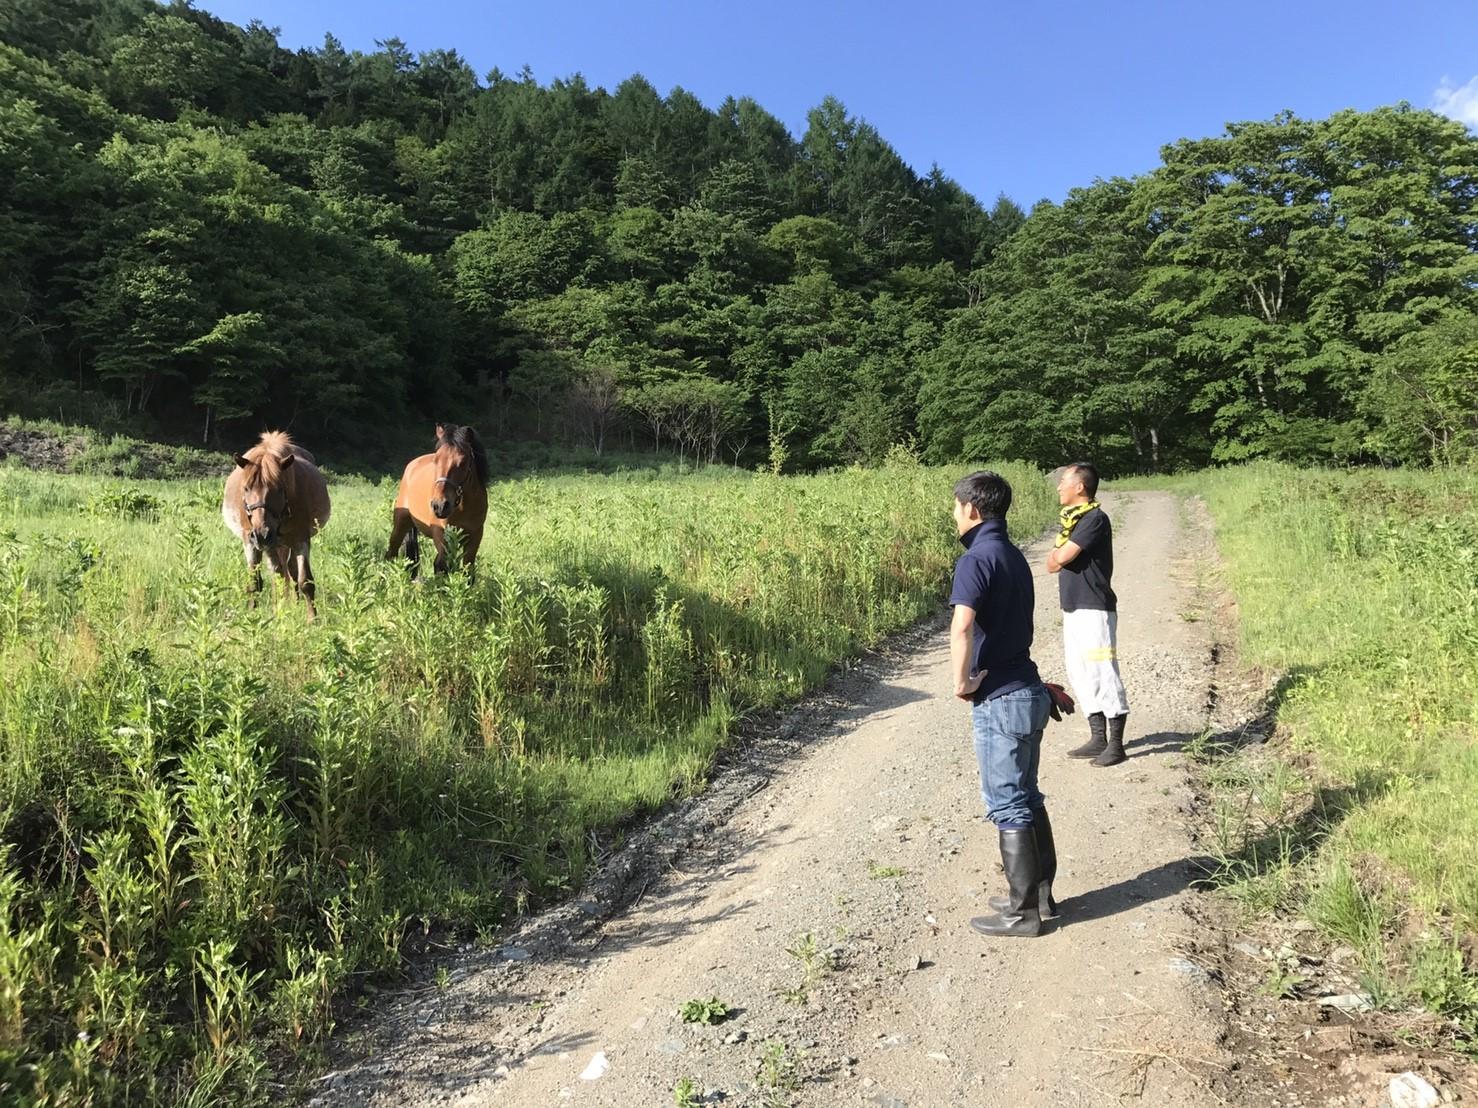 e4e61c5038a323c9dca60323d4bbfab8 - DASHA村の様なプロジェクト(群馬県神流町農場)